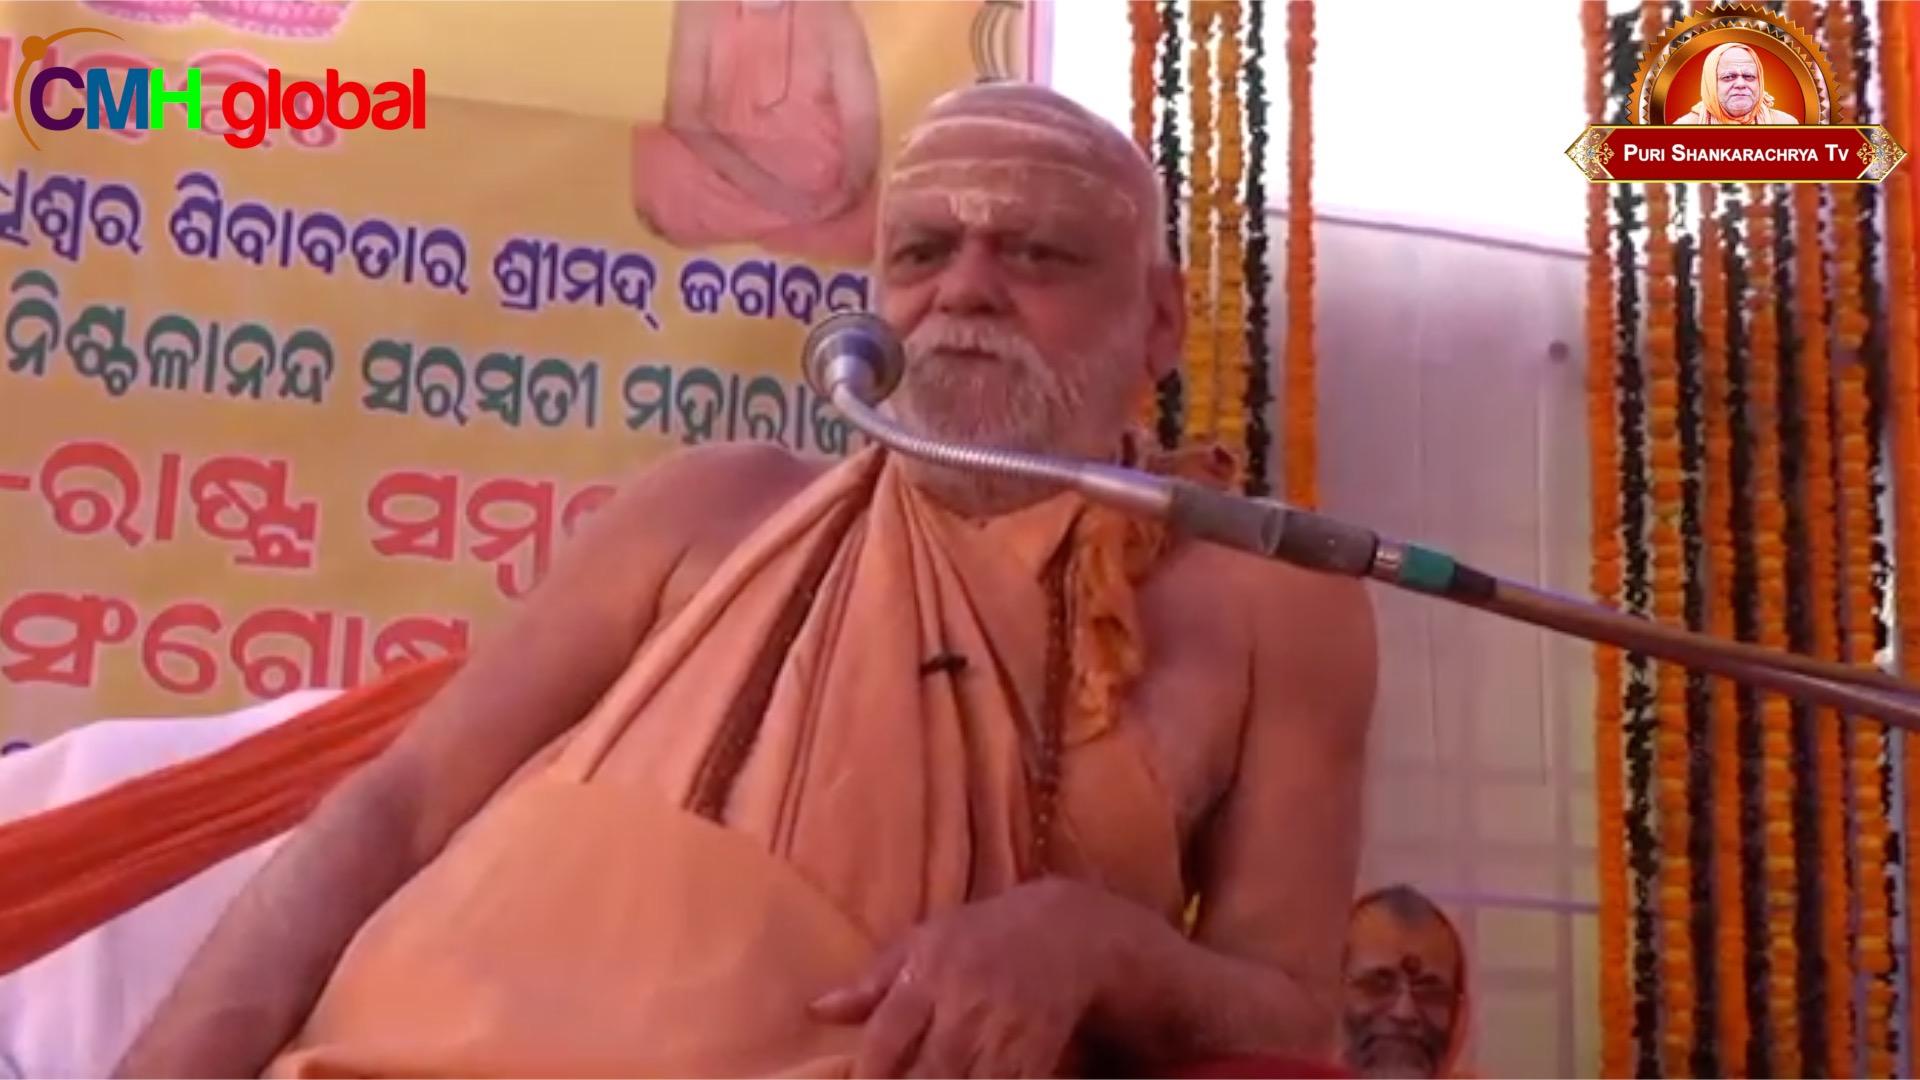 Pravachan Ep -06 by Puri Shankaracharya Swami Nishchalananda Saraswati Ji